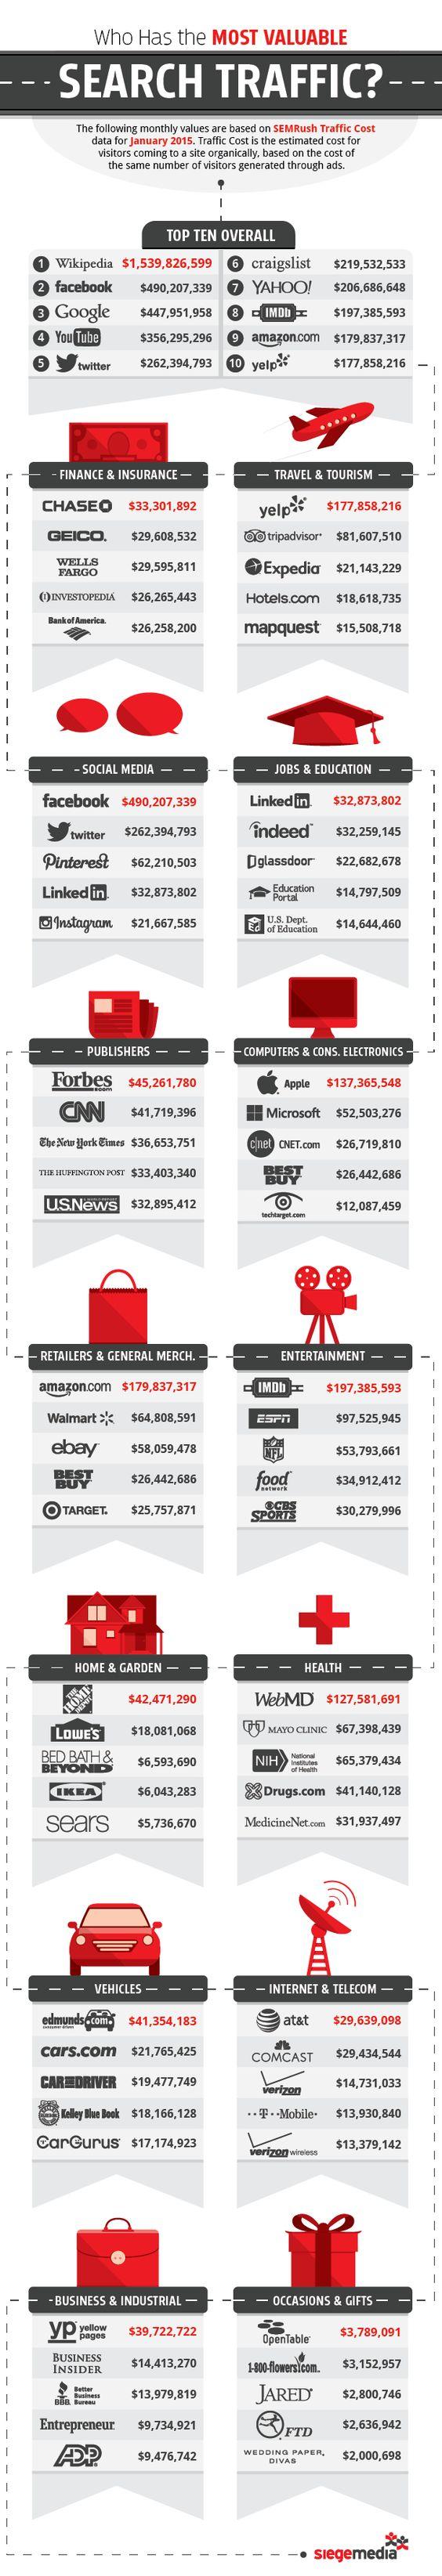 Cuánto vale el tráfico orgánico generado por los sitios más activos de la Web #infografía